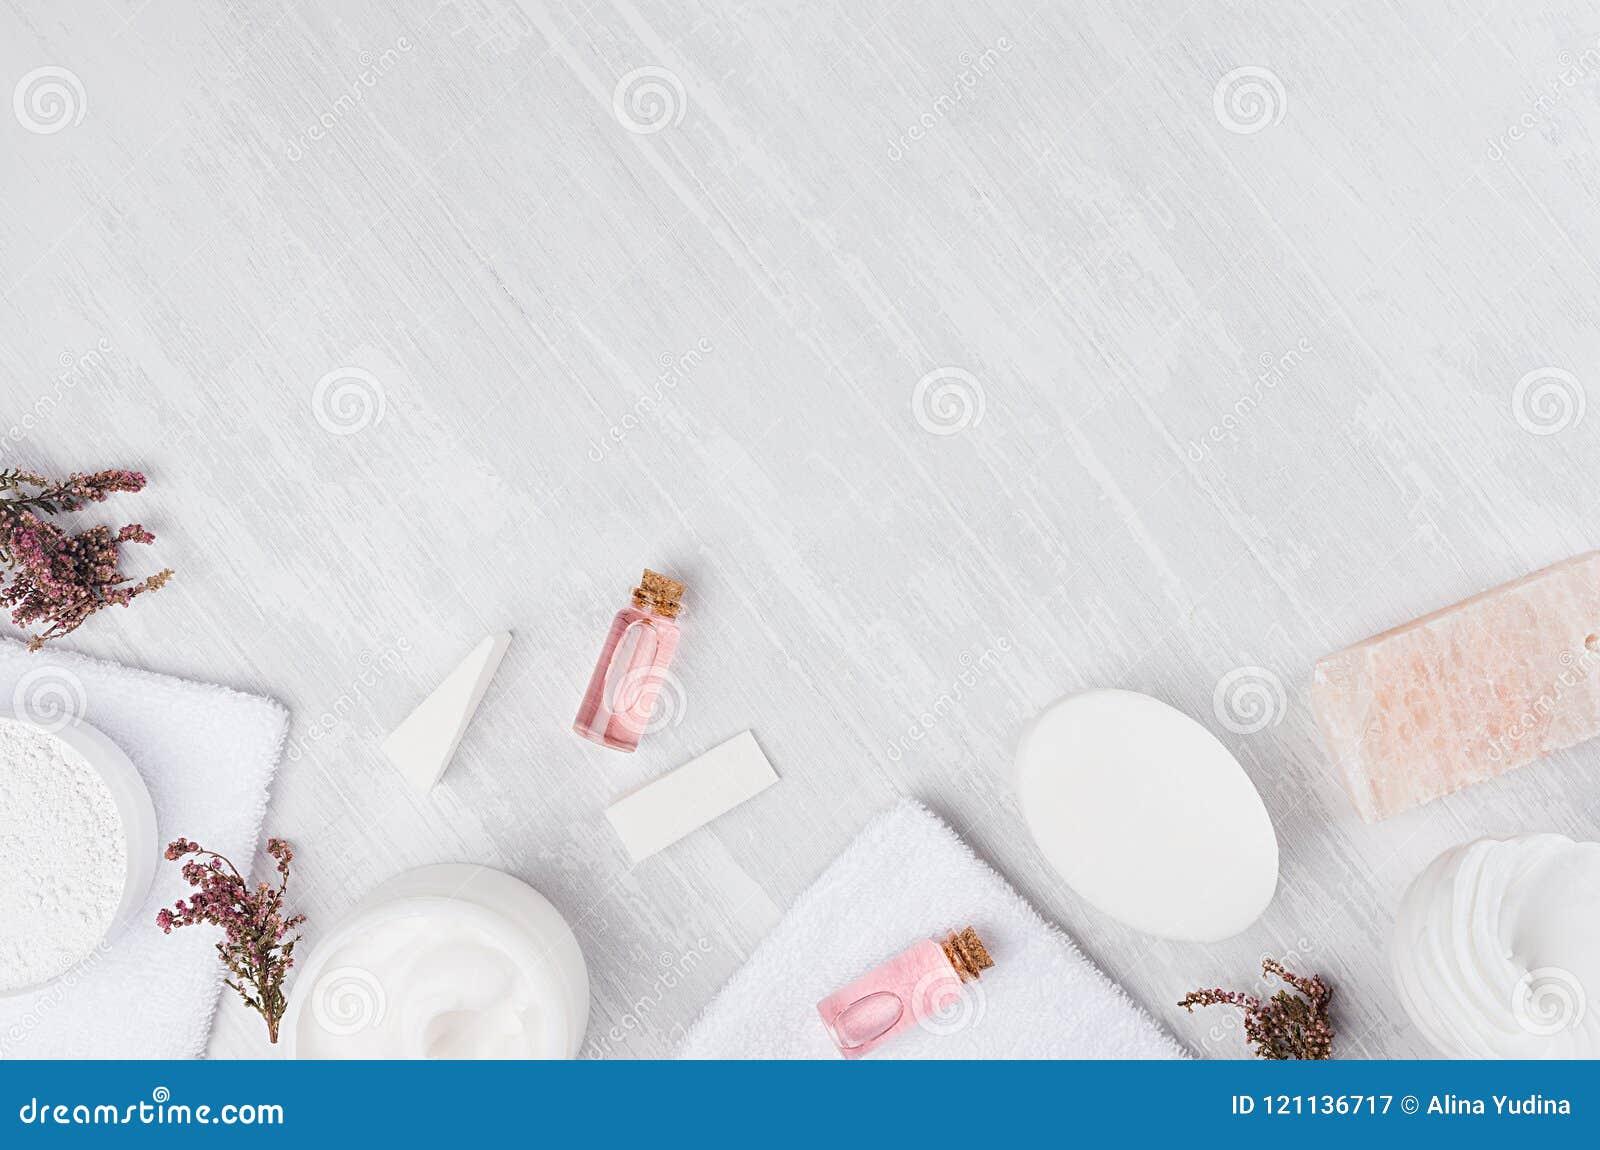 Productos del balneario natural de los cosméticos y accesorios blancos y rosados del baño con las flores rosadas como marco en el